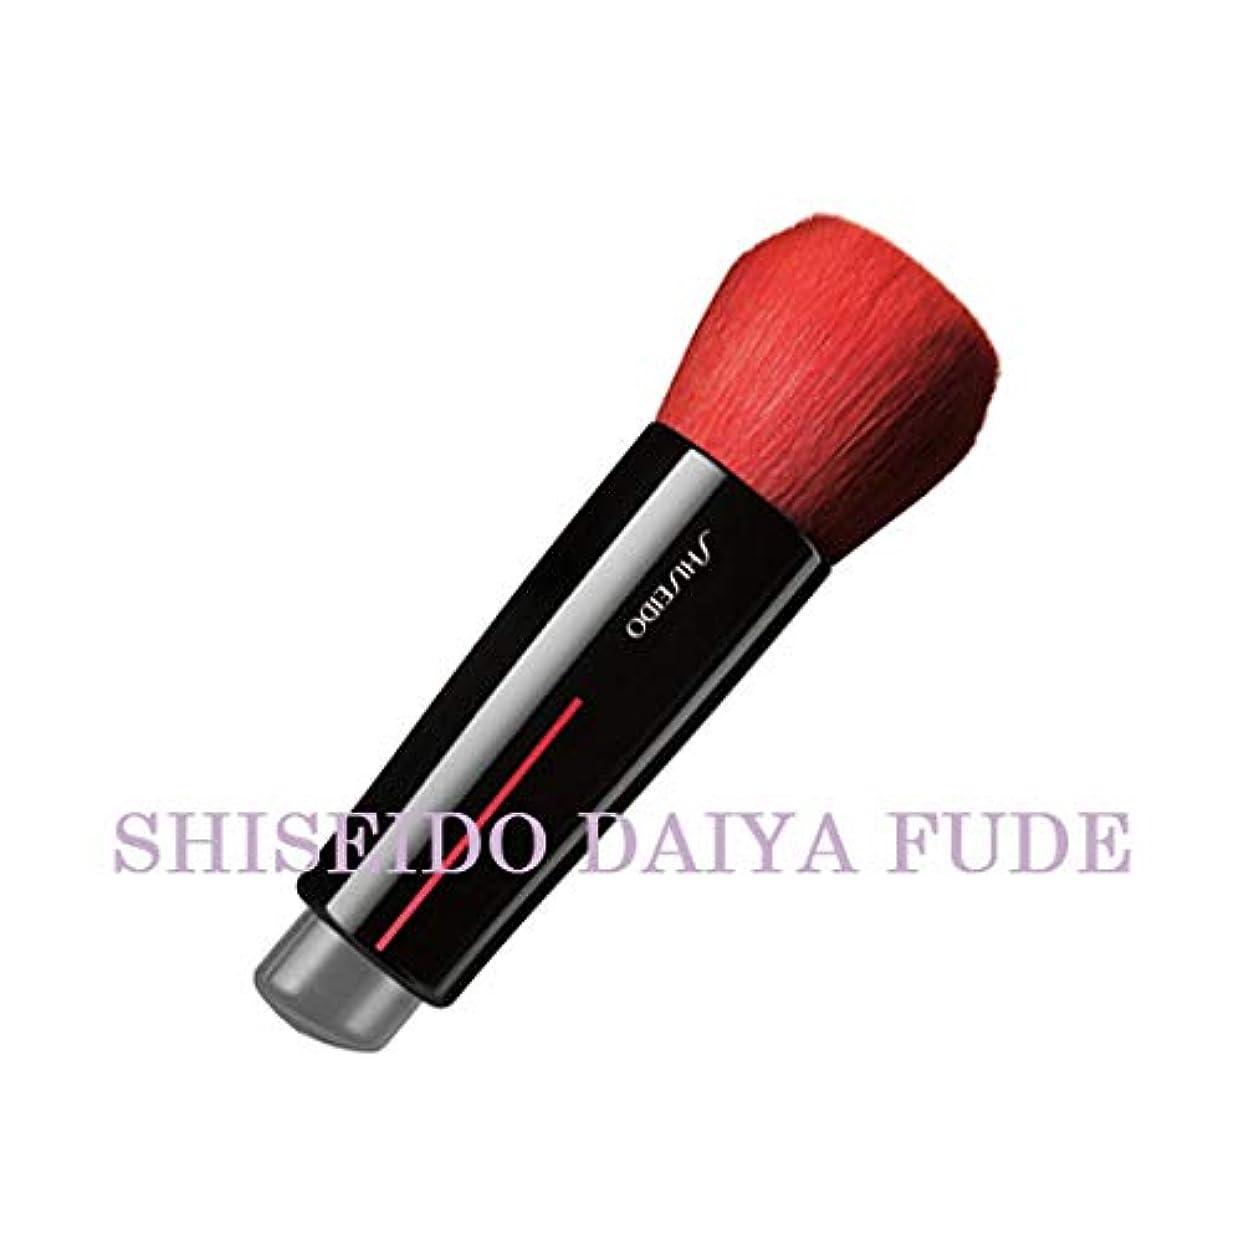 神の時系列エラーSHISEIDO Makeup(資生堂 メーキャップ) SHISEIDO(資生堂) SHISEIDO DAIYA FUDE フェイス デュオ